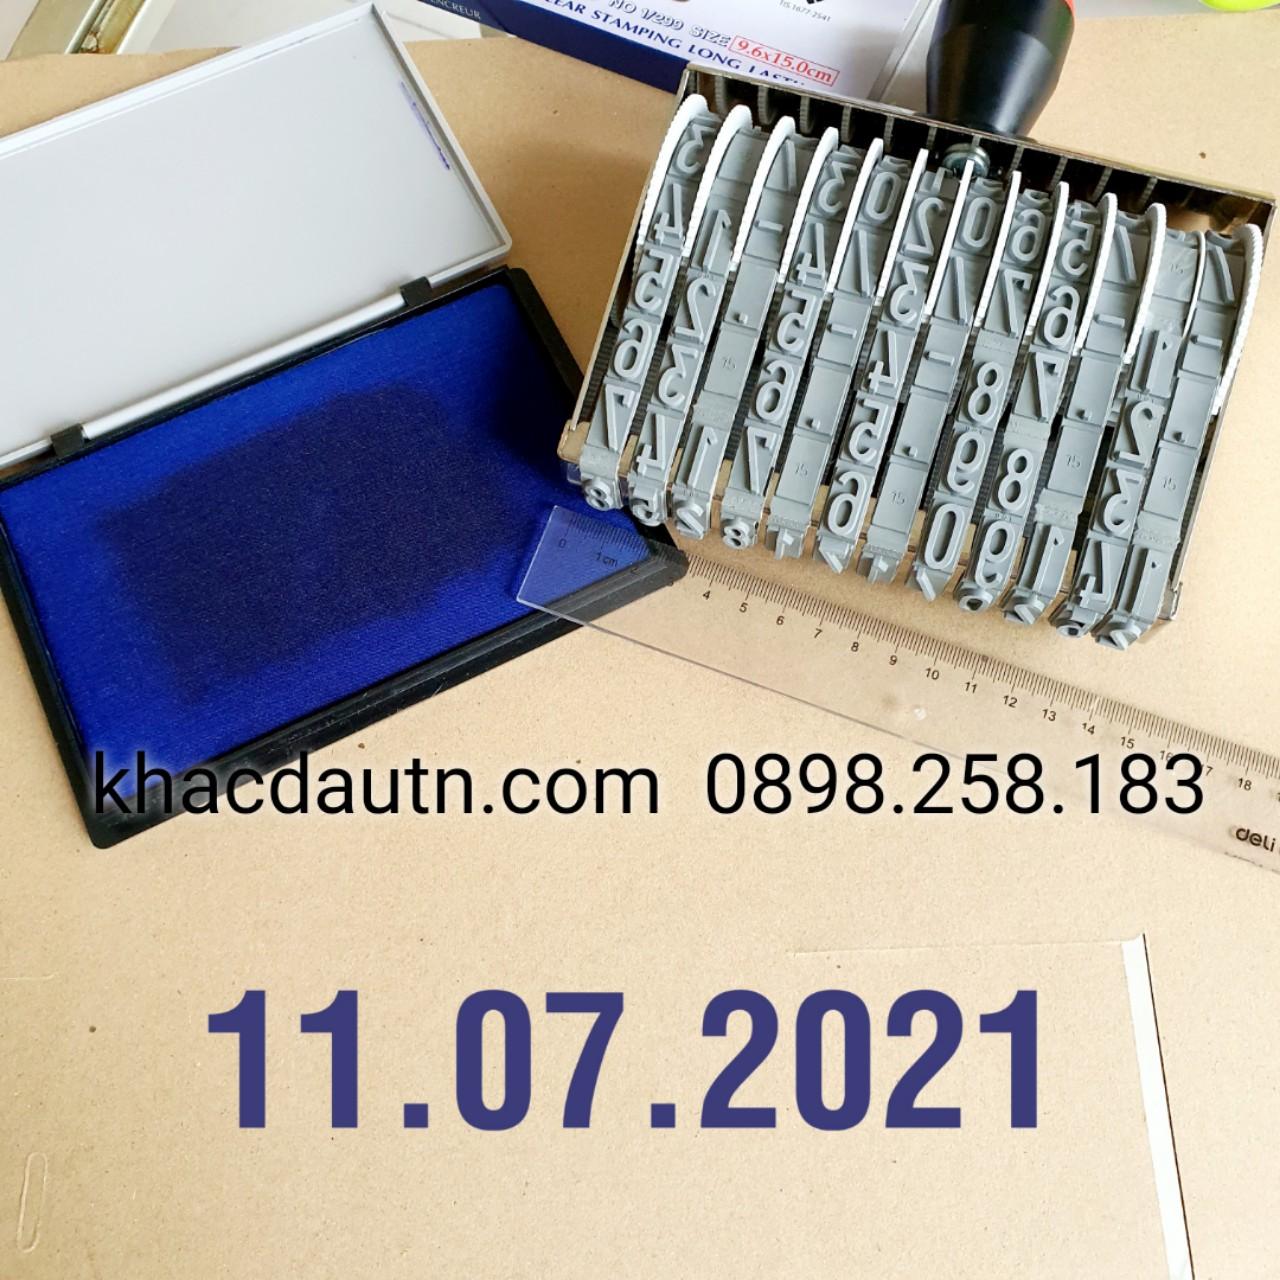 Con dấu ngày tháng năm 15mm x 200mm dạng dấu ngày cỡ lớn đóng các loại thùng hàng.Chuyên Cung Cấp Dấu Ngày Tháng Năm Tại Bắc Ninh